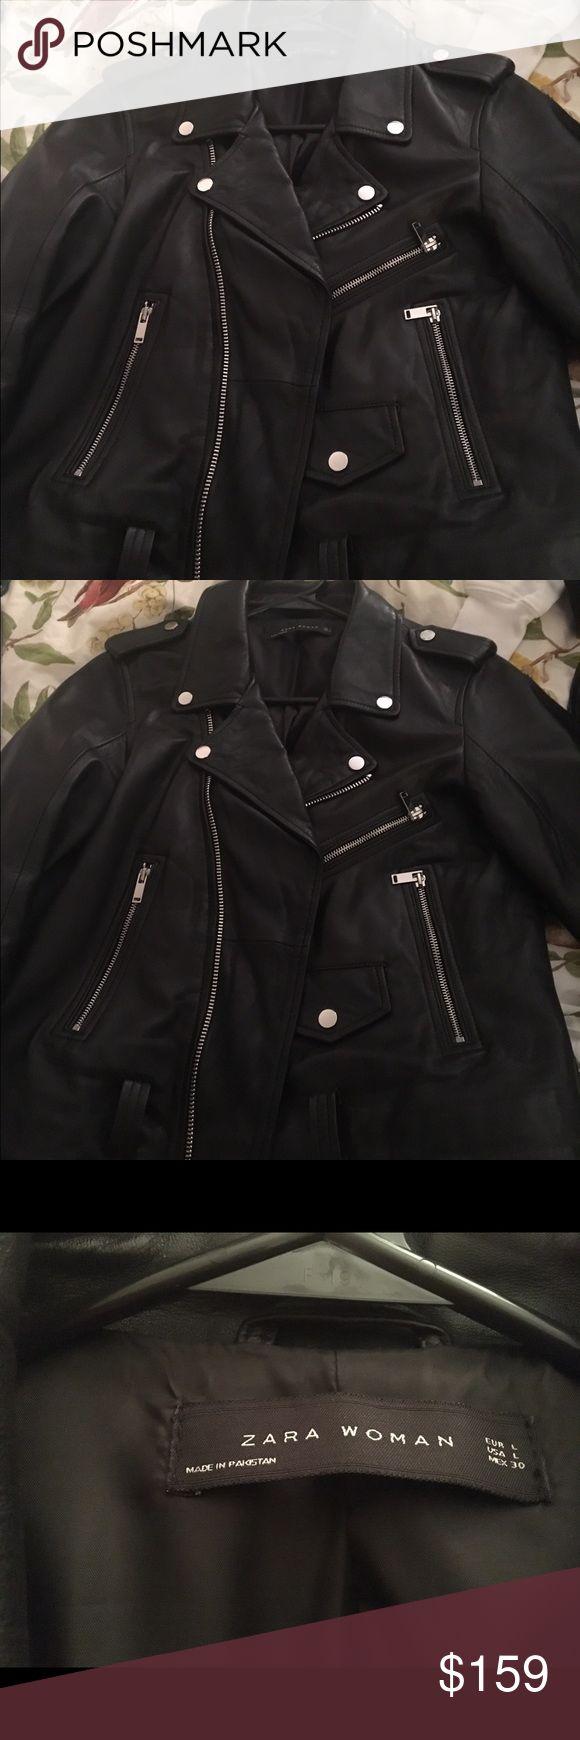 Zara women black cute leather jacket Size L Zara Women black cute jacket. No trade please. Zara Jackets & Coats